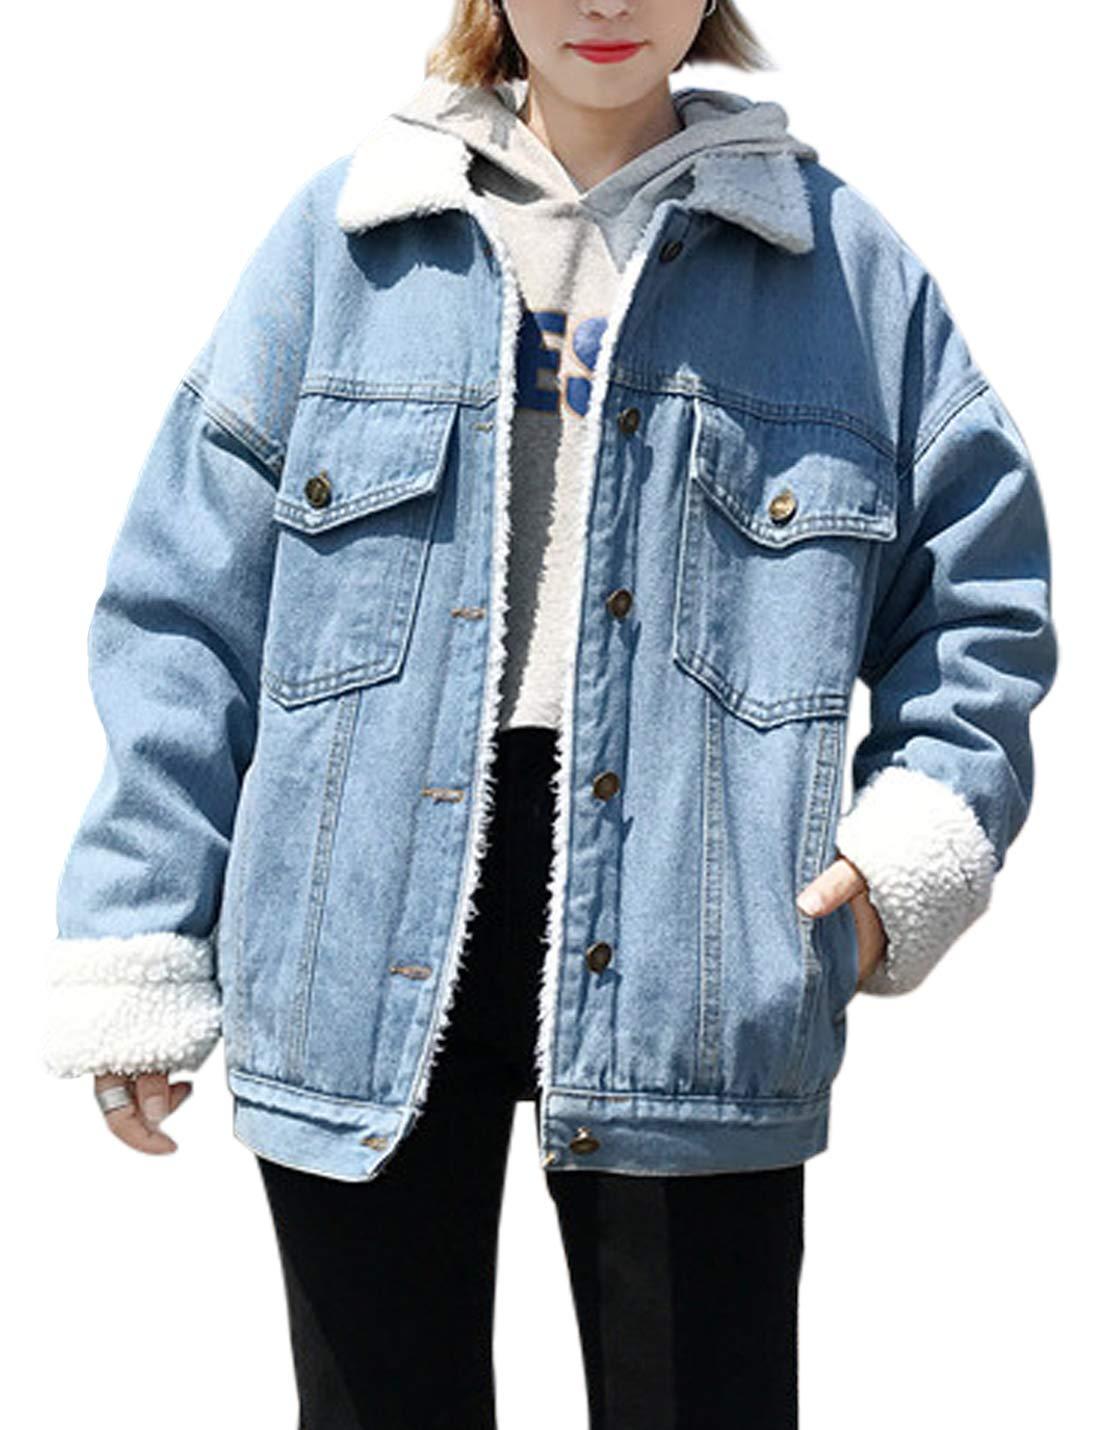 Jenkoon Women's Oversized Thick Warm Sherpa Fur Lined Denim Trucker Jacket Boyfriend Jean Coat (Light Blue, X-Small)